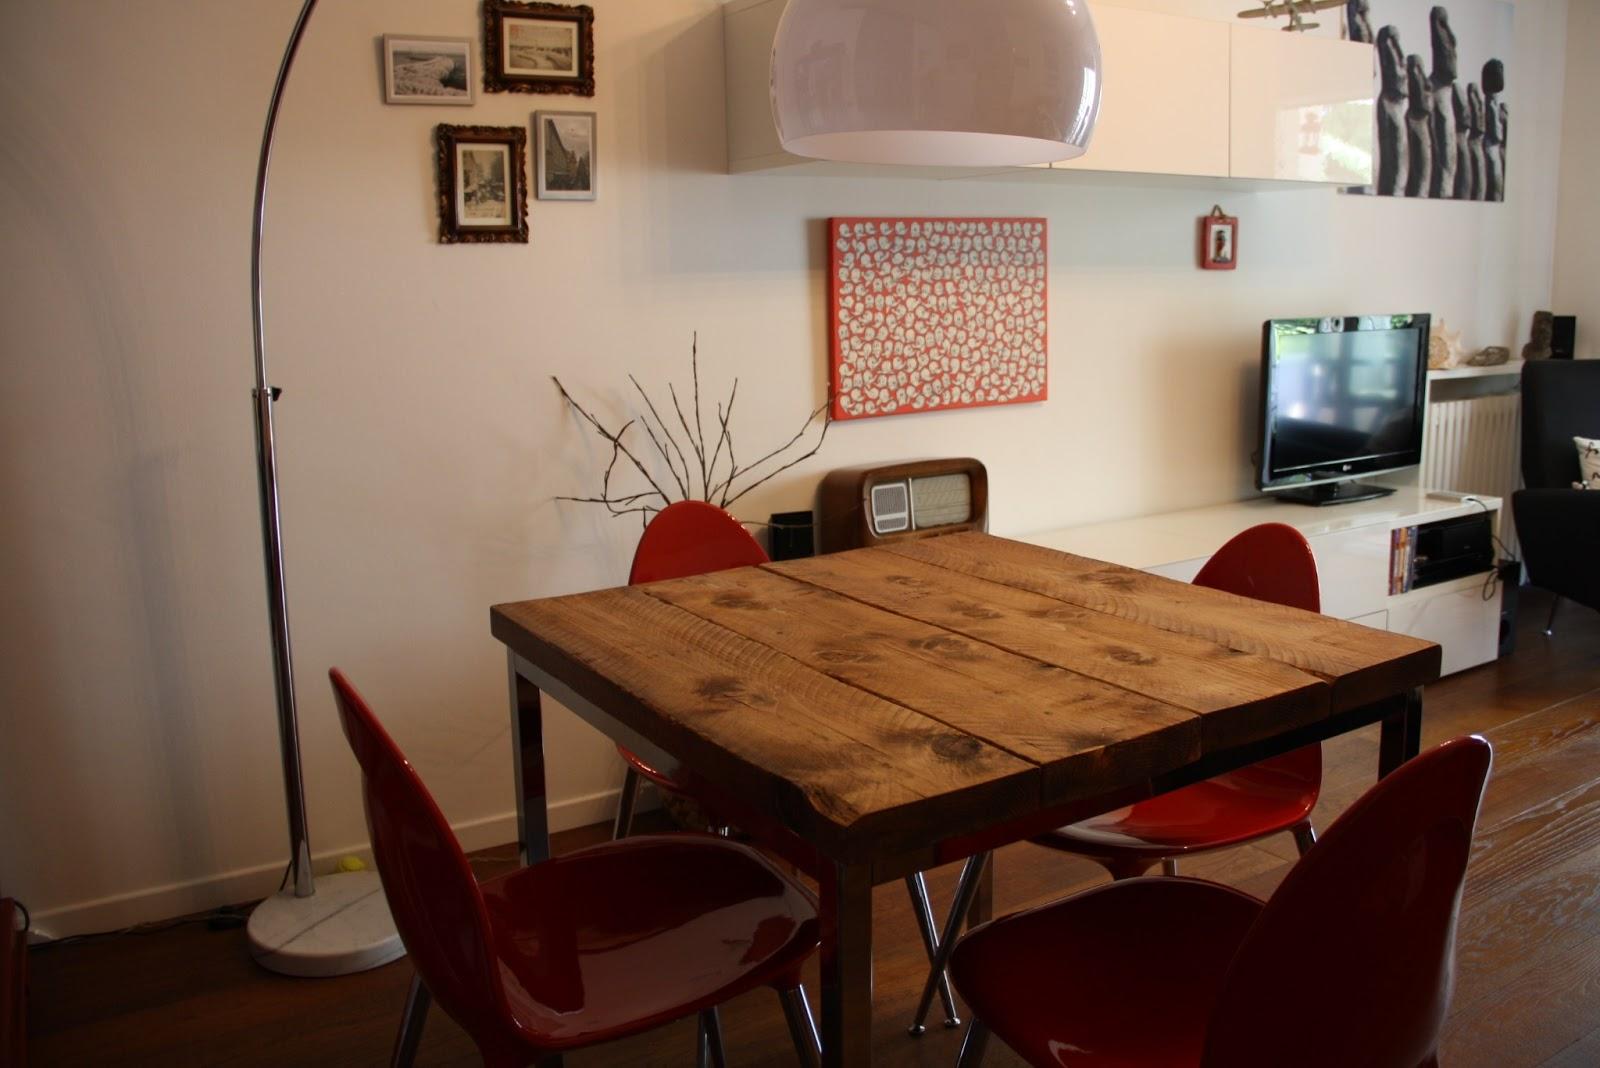 Il baule delle idee un tavolo dal sapore vintage vissuto for Tavolo quadrato